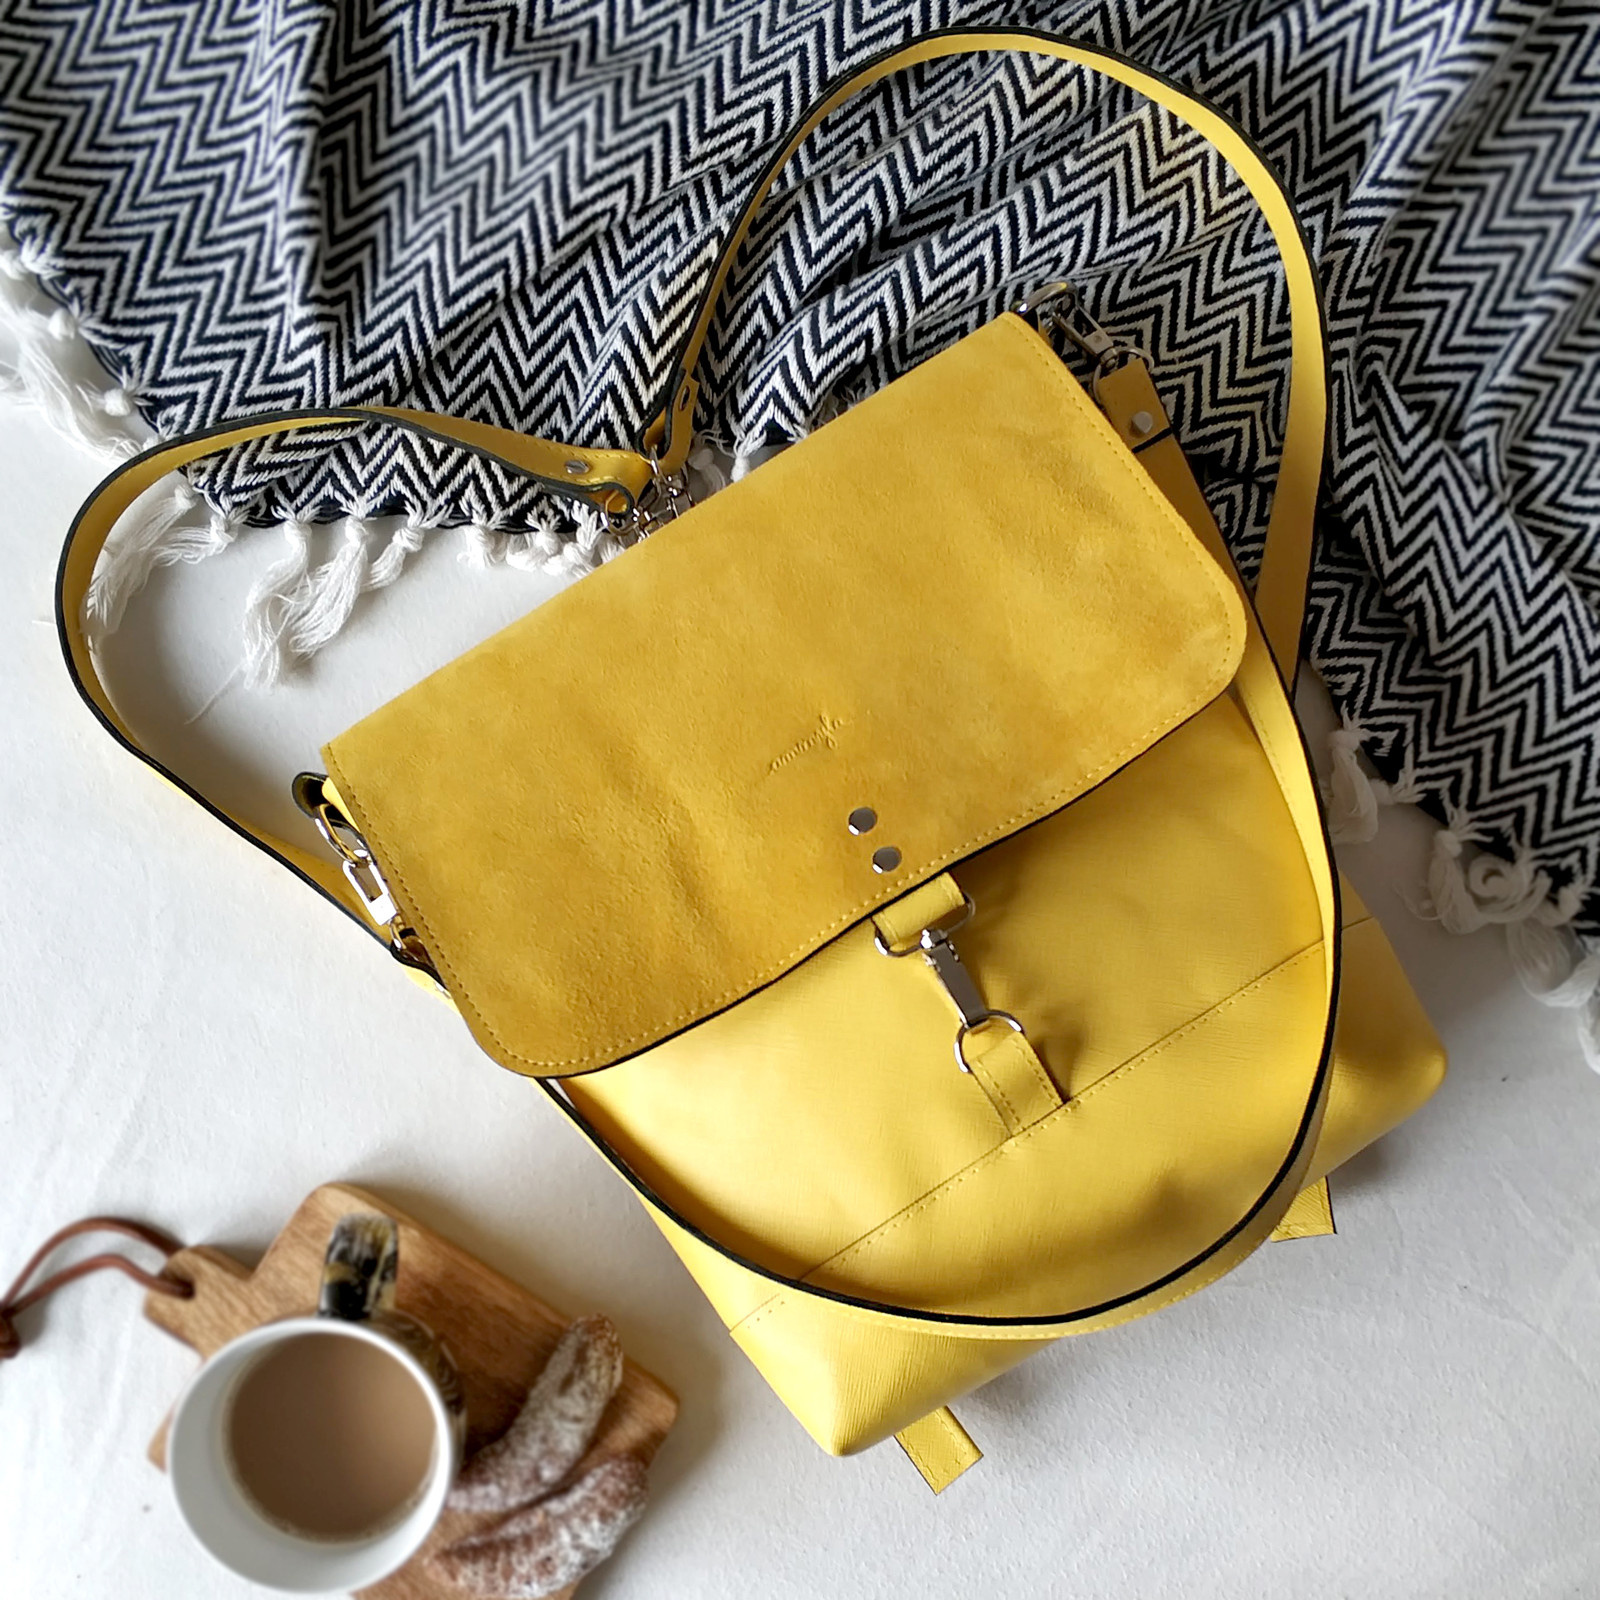 Kožený batoh Lara (žltý) - nedostupné   Zboží prodejce Ammyla  70b72b44be